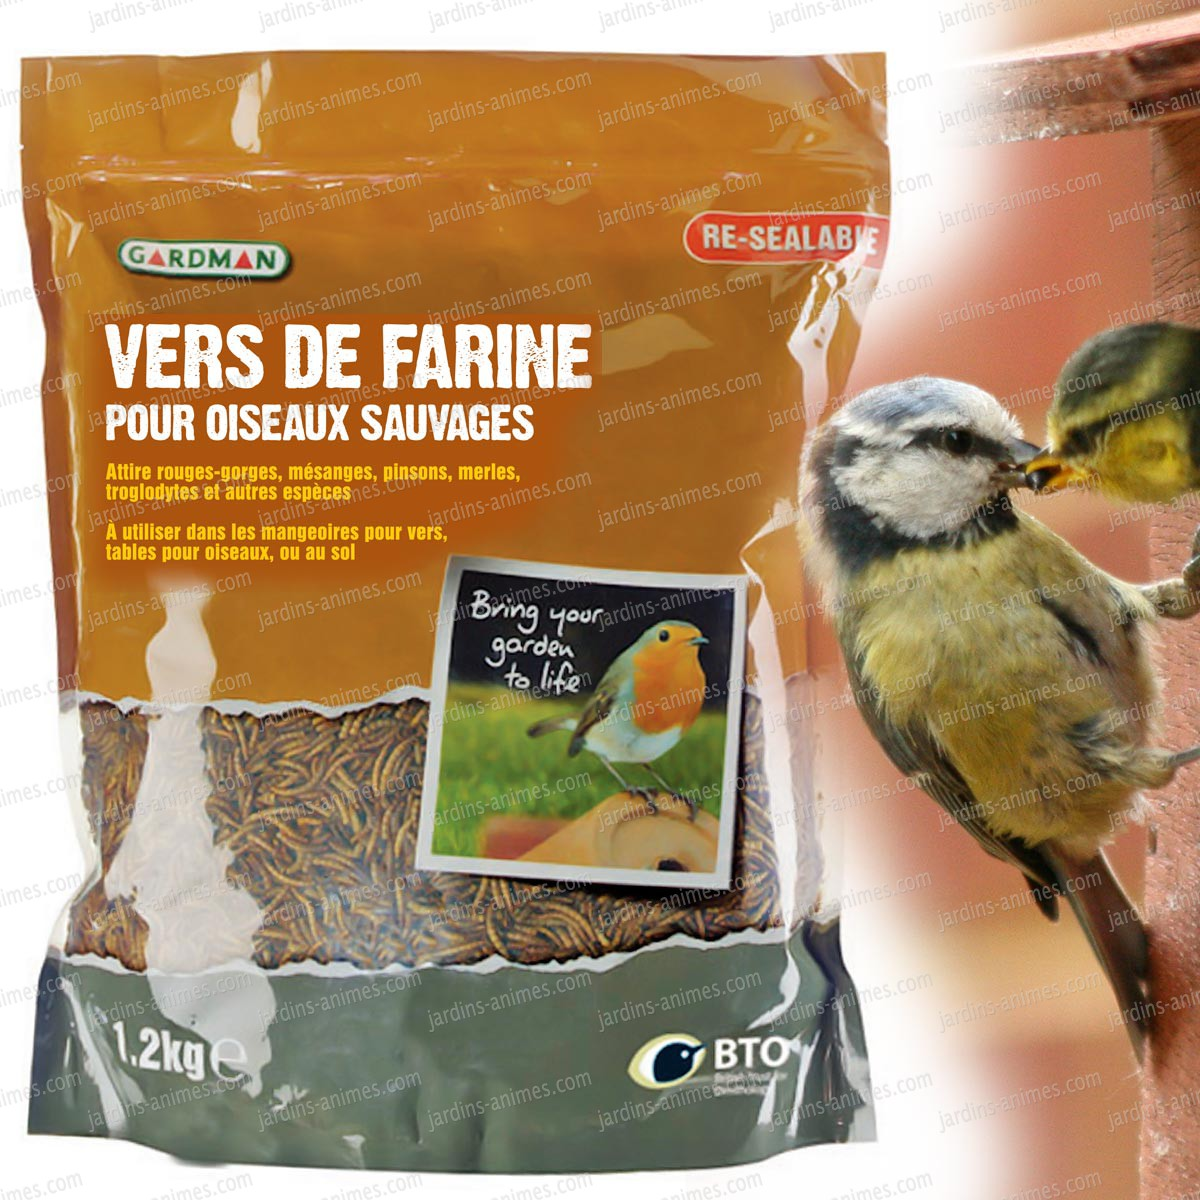 nourriture pour oiseaux